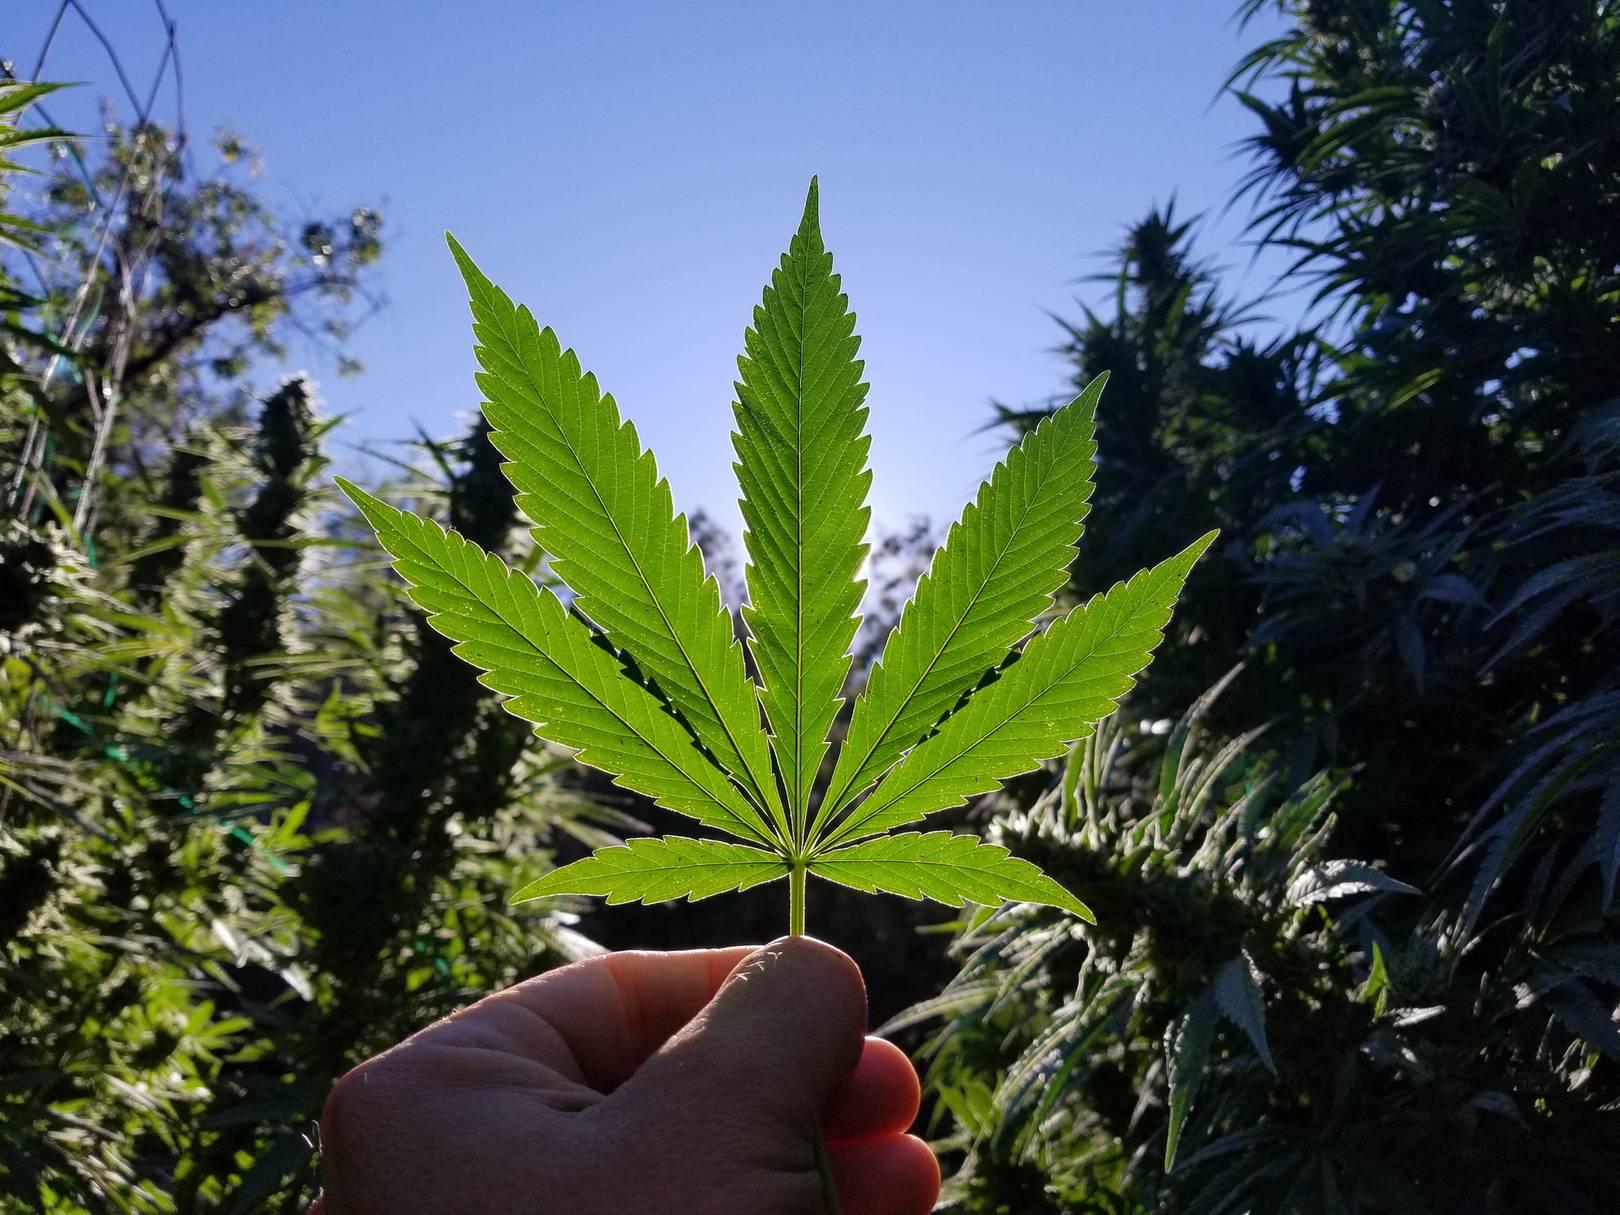 Uprawa Marihuany na Dworze, Czyli Outdoor, Narkus